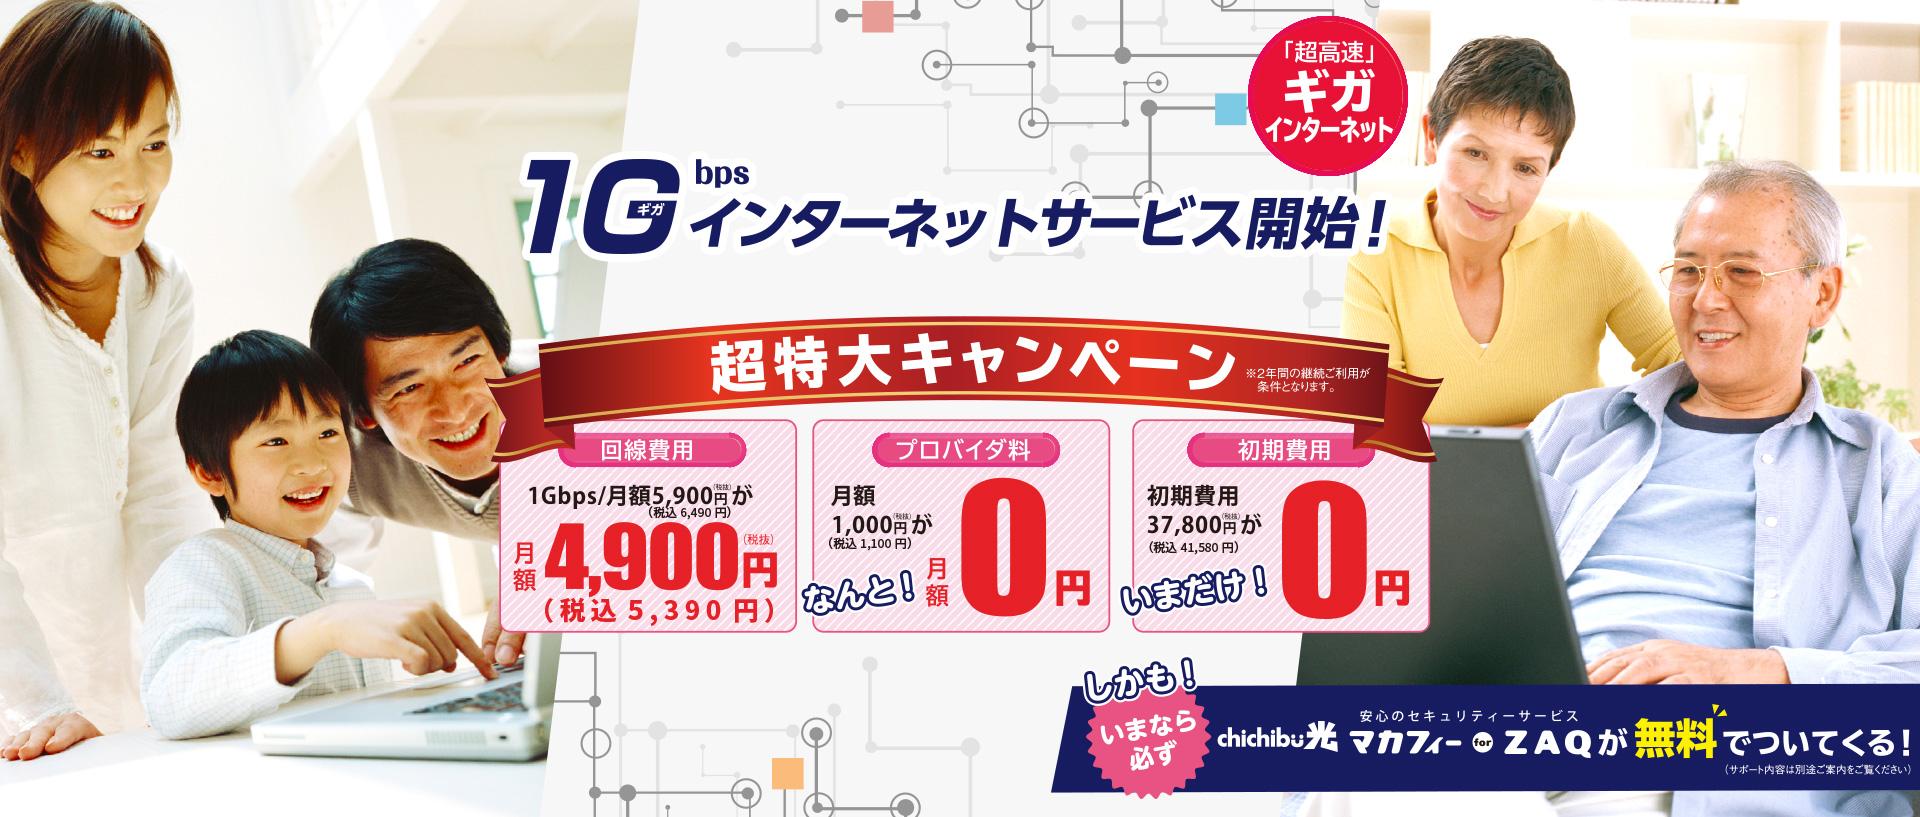 飯能日高テレビが運営するchichibu光では、1Gインターネットサービスの他、、au電話サービス、かけつけサポート、格安スマホなど、秩父地域の情報サービスを総合的にサポートしています。